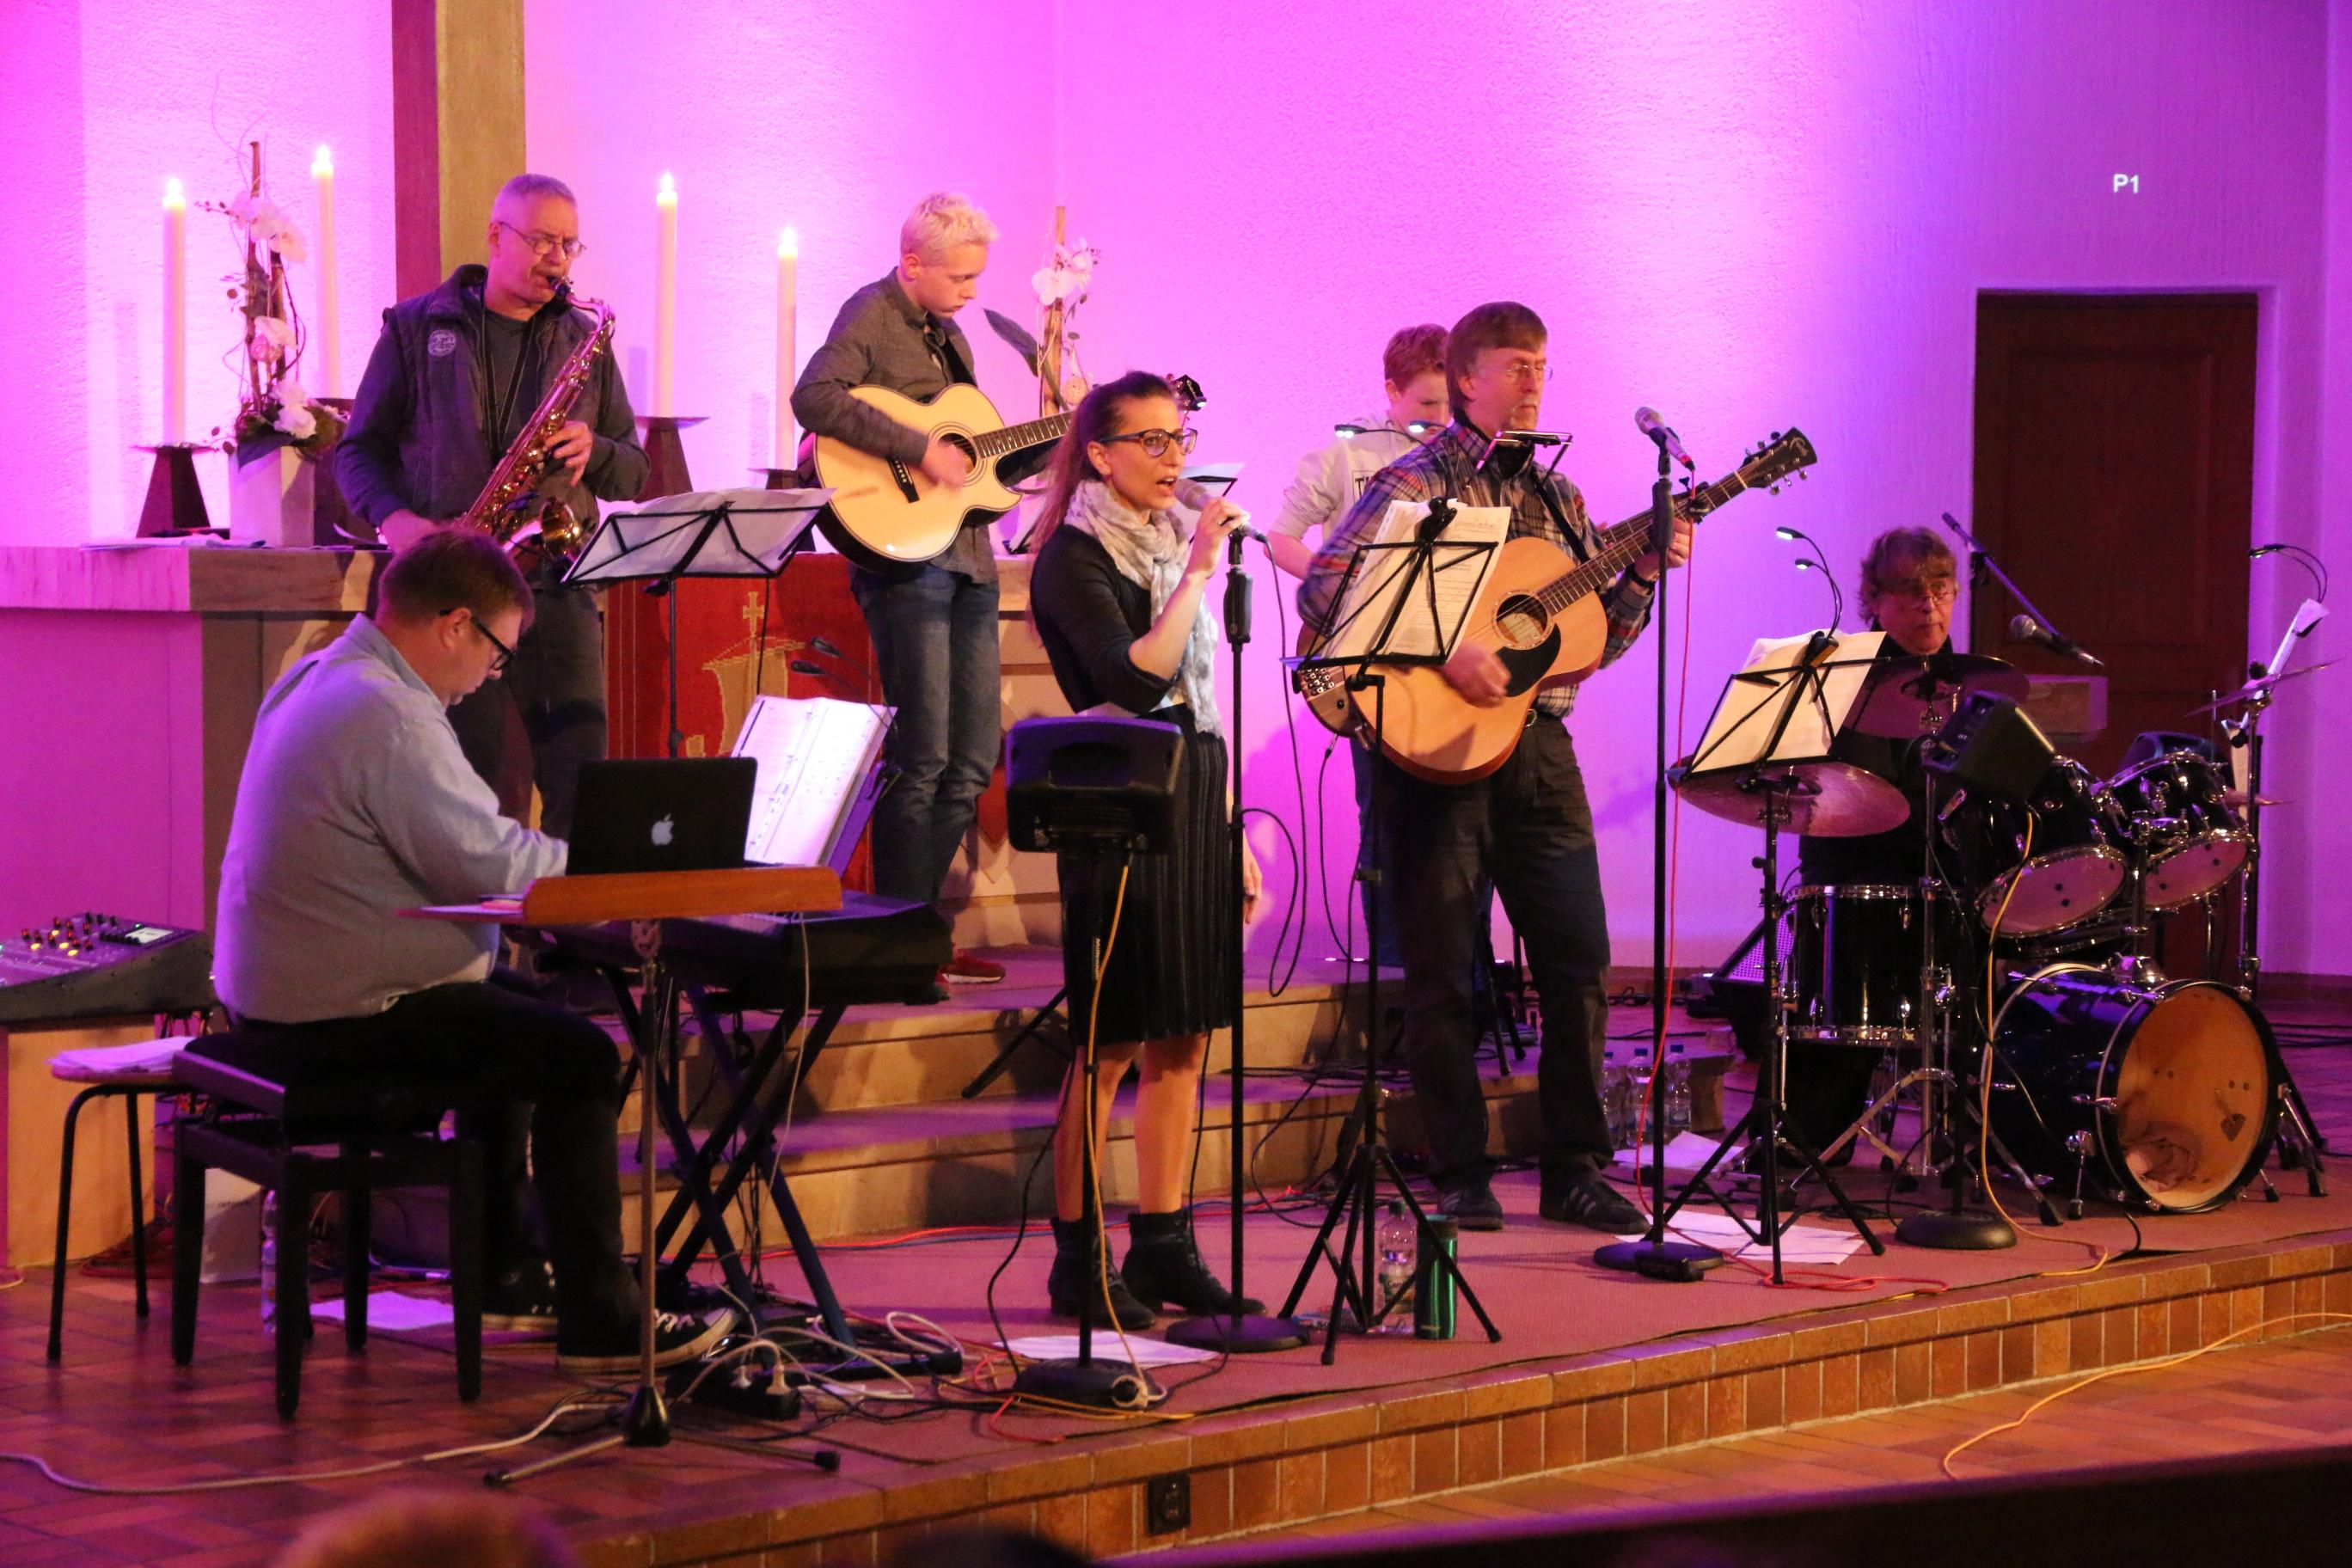 Volles Haus in Sachen Churchnight – Haus der Musik